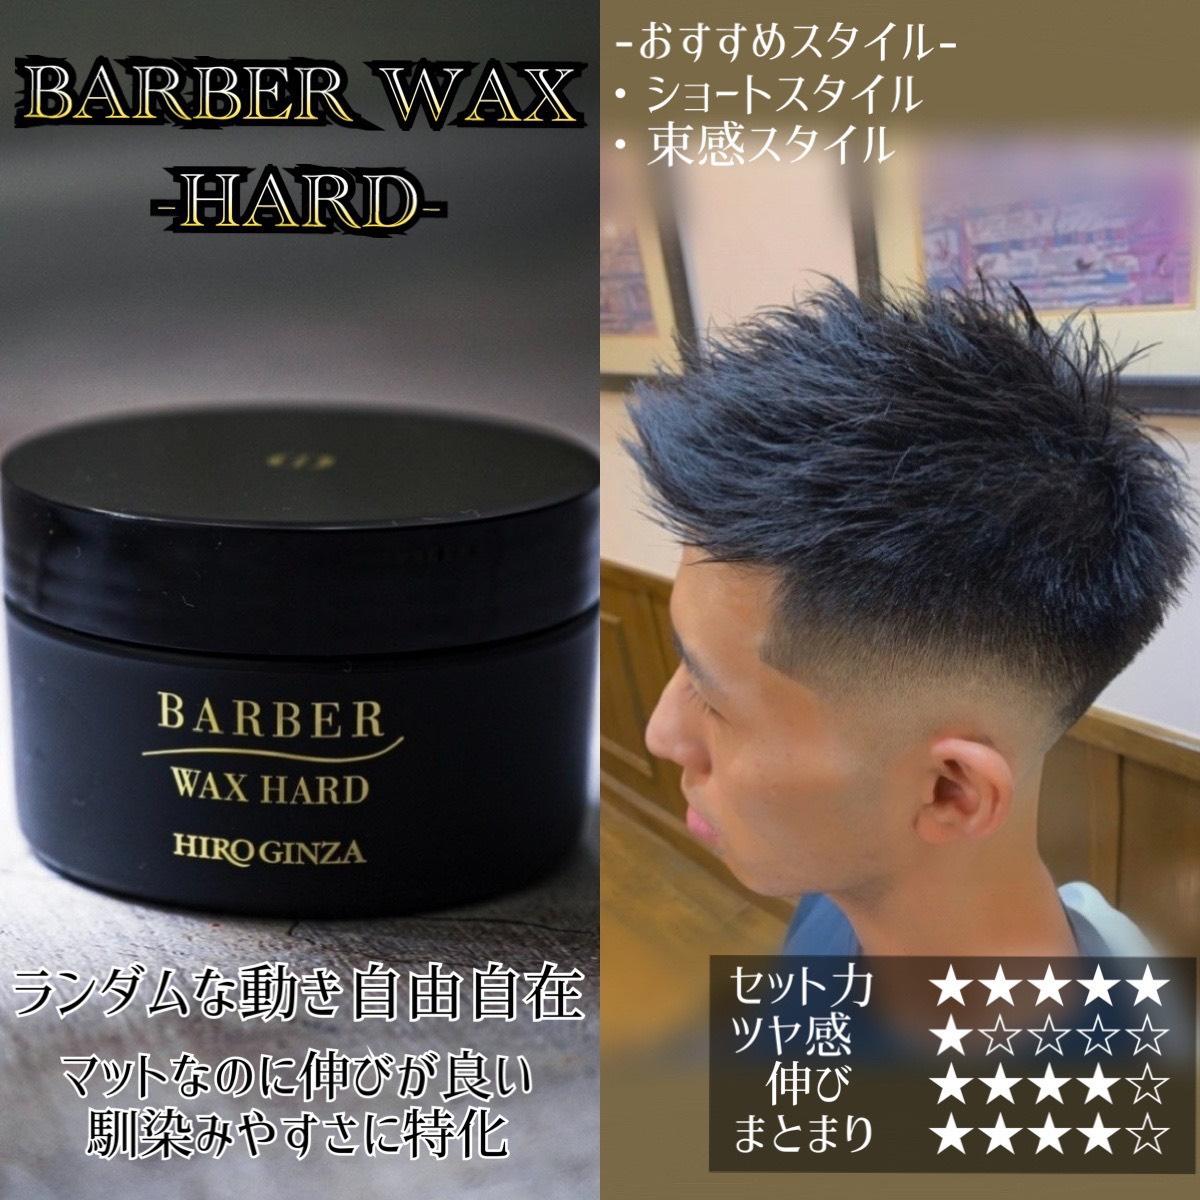 【プレミアムWax】バーバーワックスハード 90g